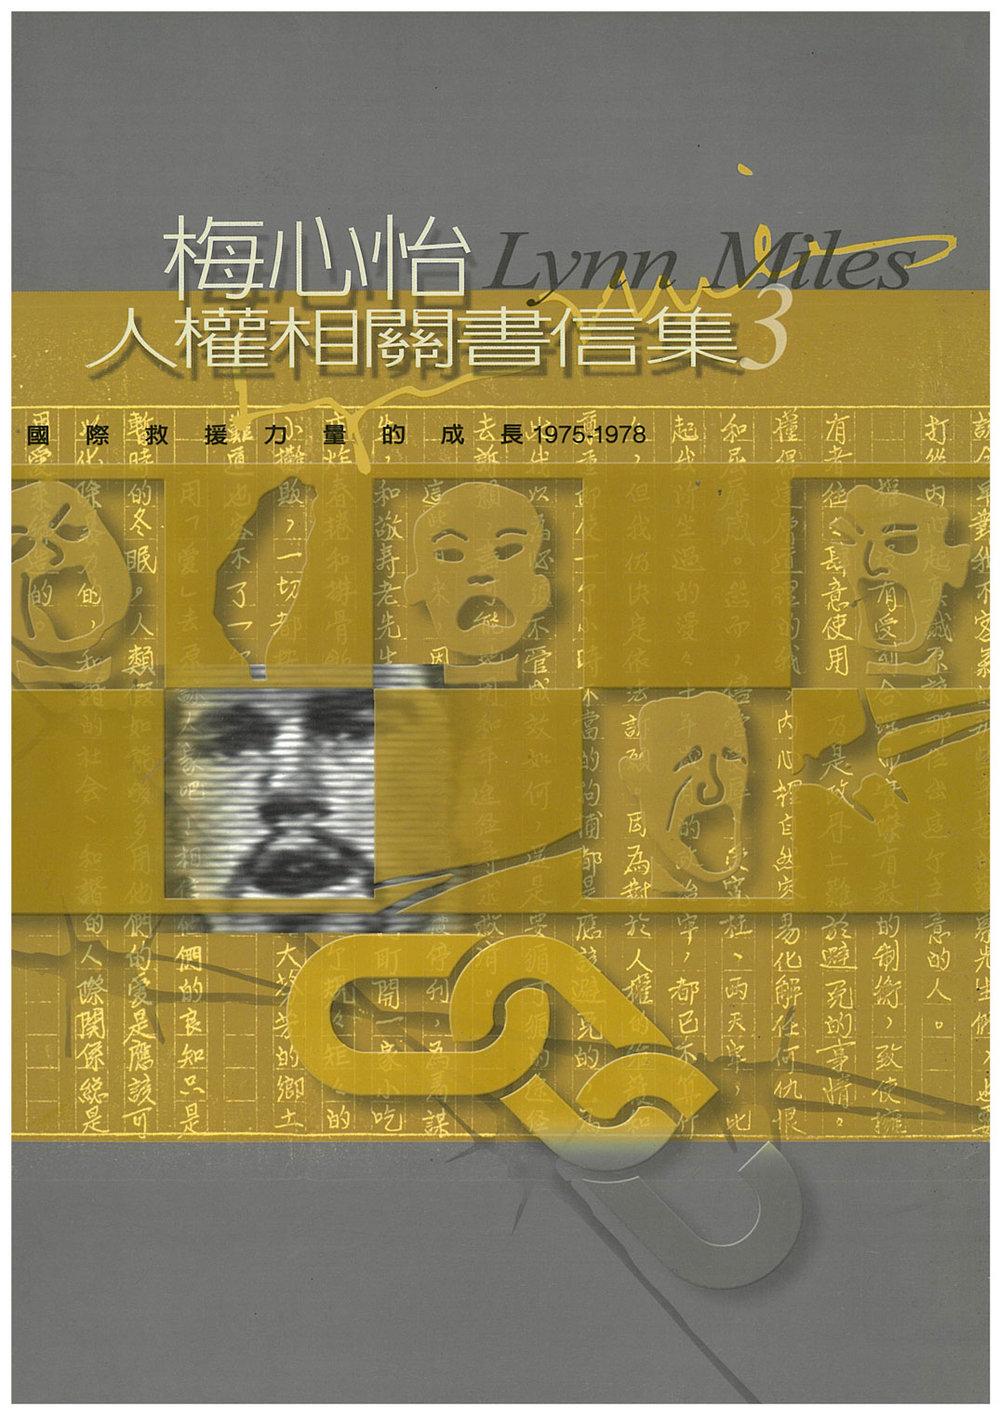 梅心怡保留的珍貴史料,出版成冊,此為 《梅心怡Lynn Miles 人權相關書信集3-國際救援力量的成長1975-1978》 封面。圖片提供:吳三連台灣史料基金會